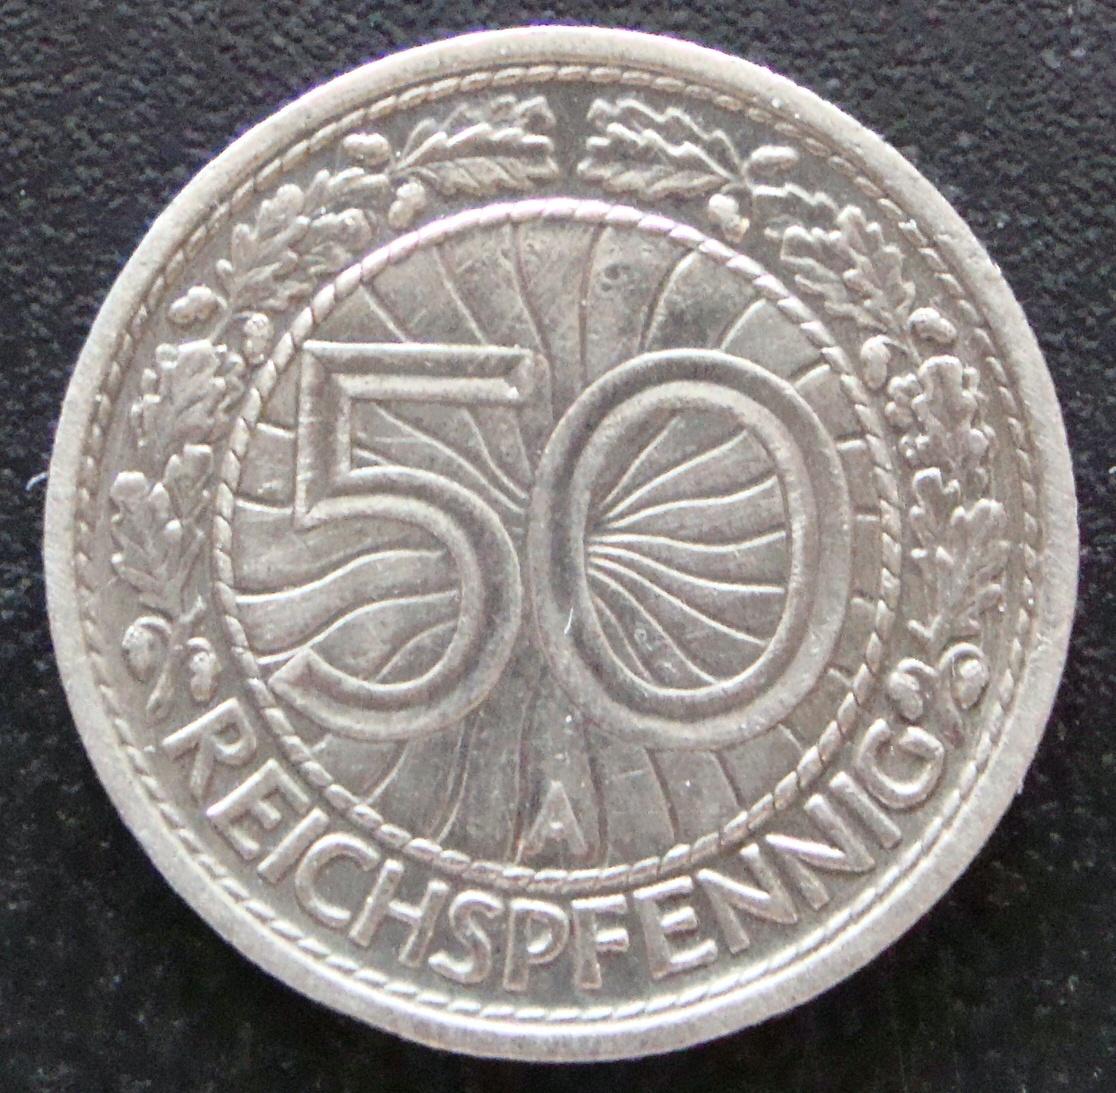 50 Reichspfennig. Alemania (1928) ALE_50_Reichspfennig_1928_rev